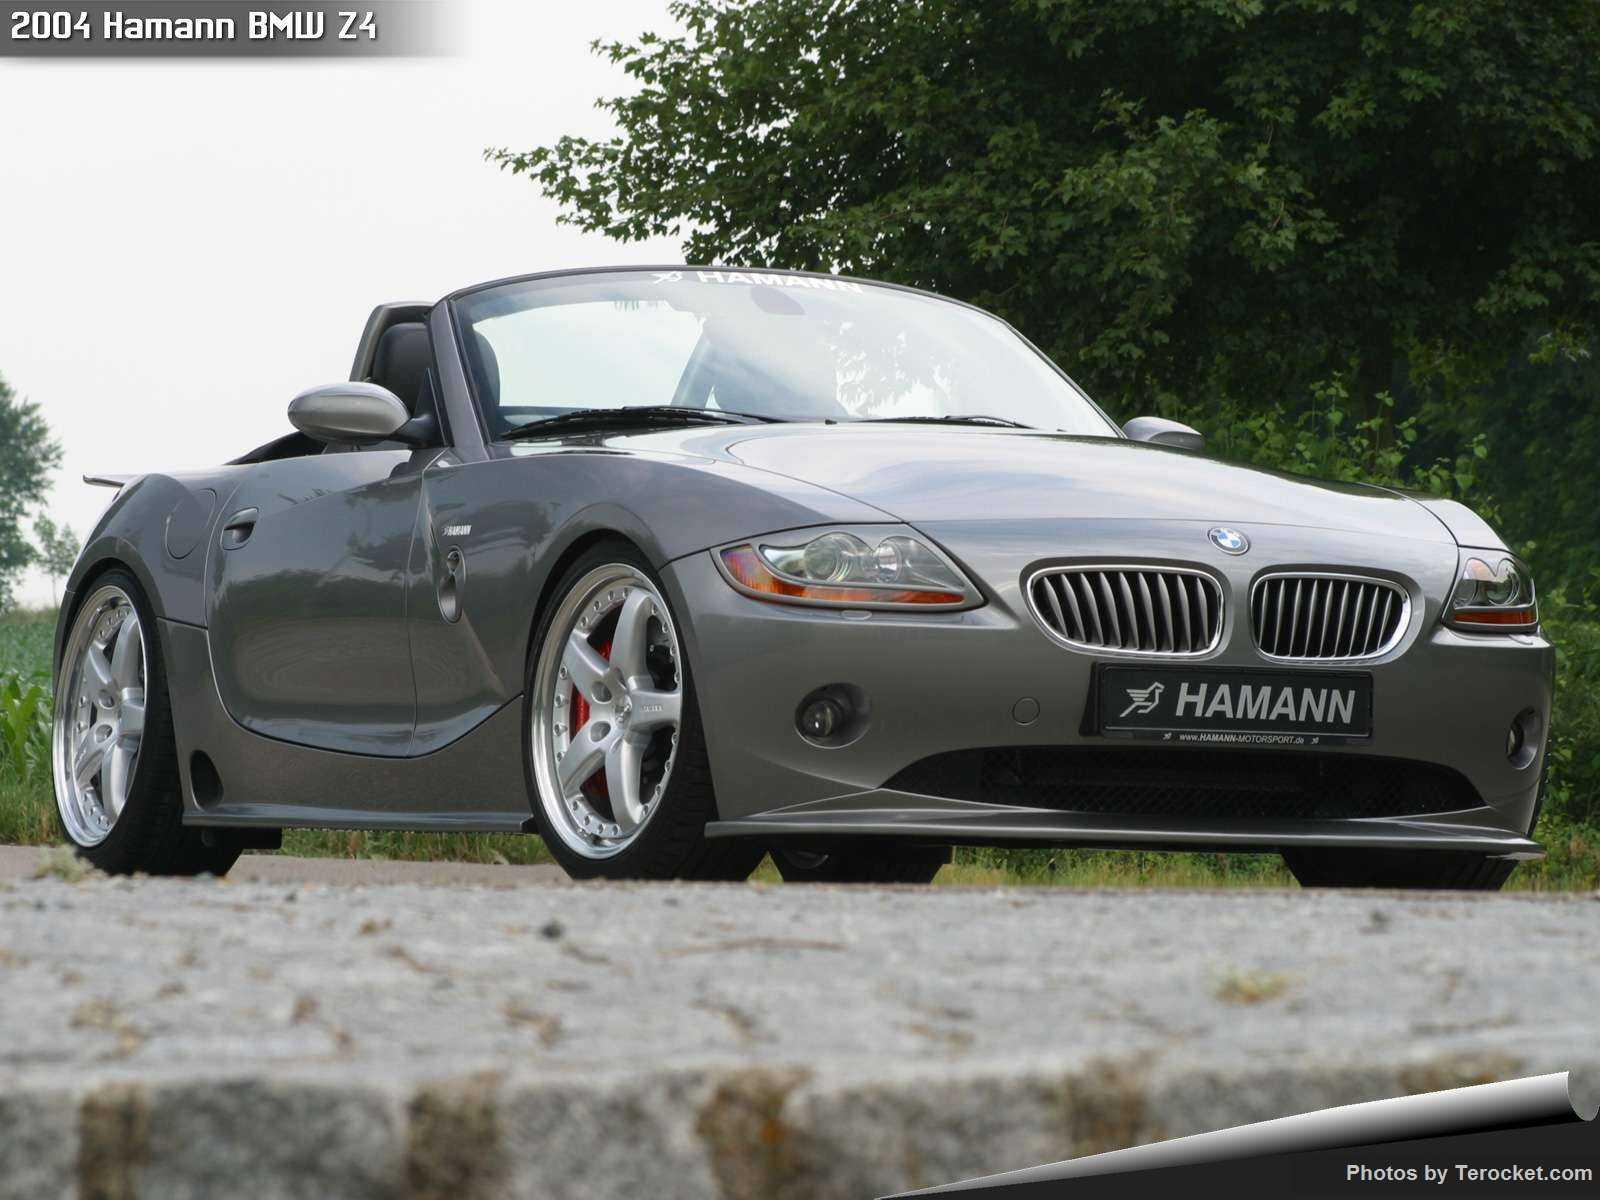 Hình ảnh xe ô tô Hamann BMW Z4 2004 & nội ngoại thất